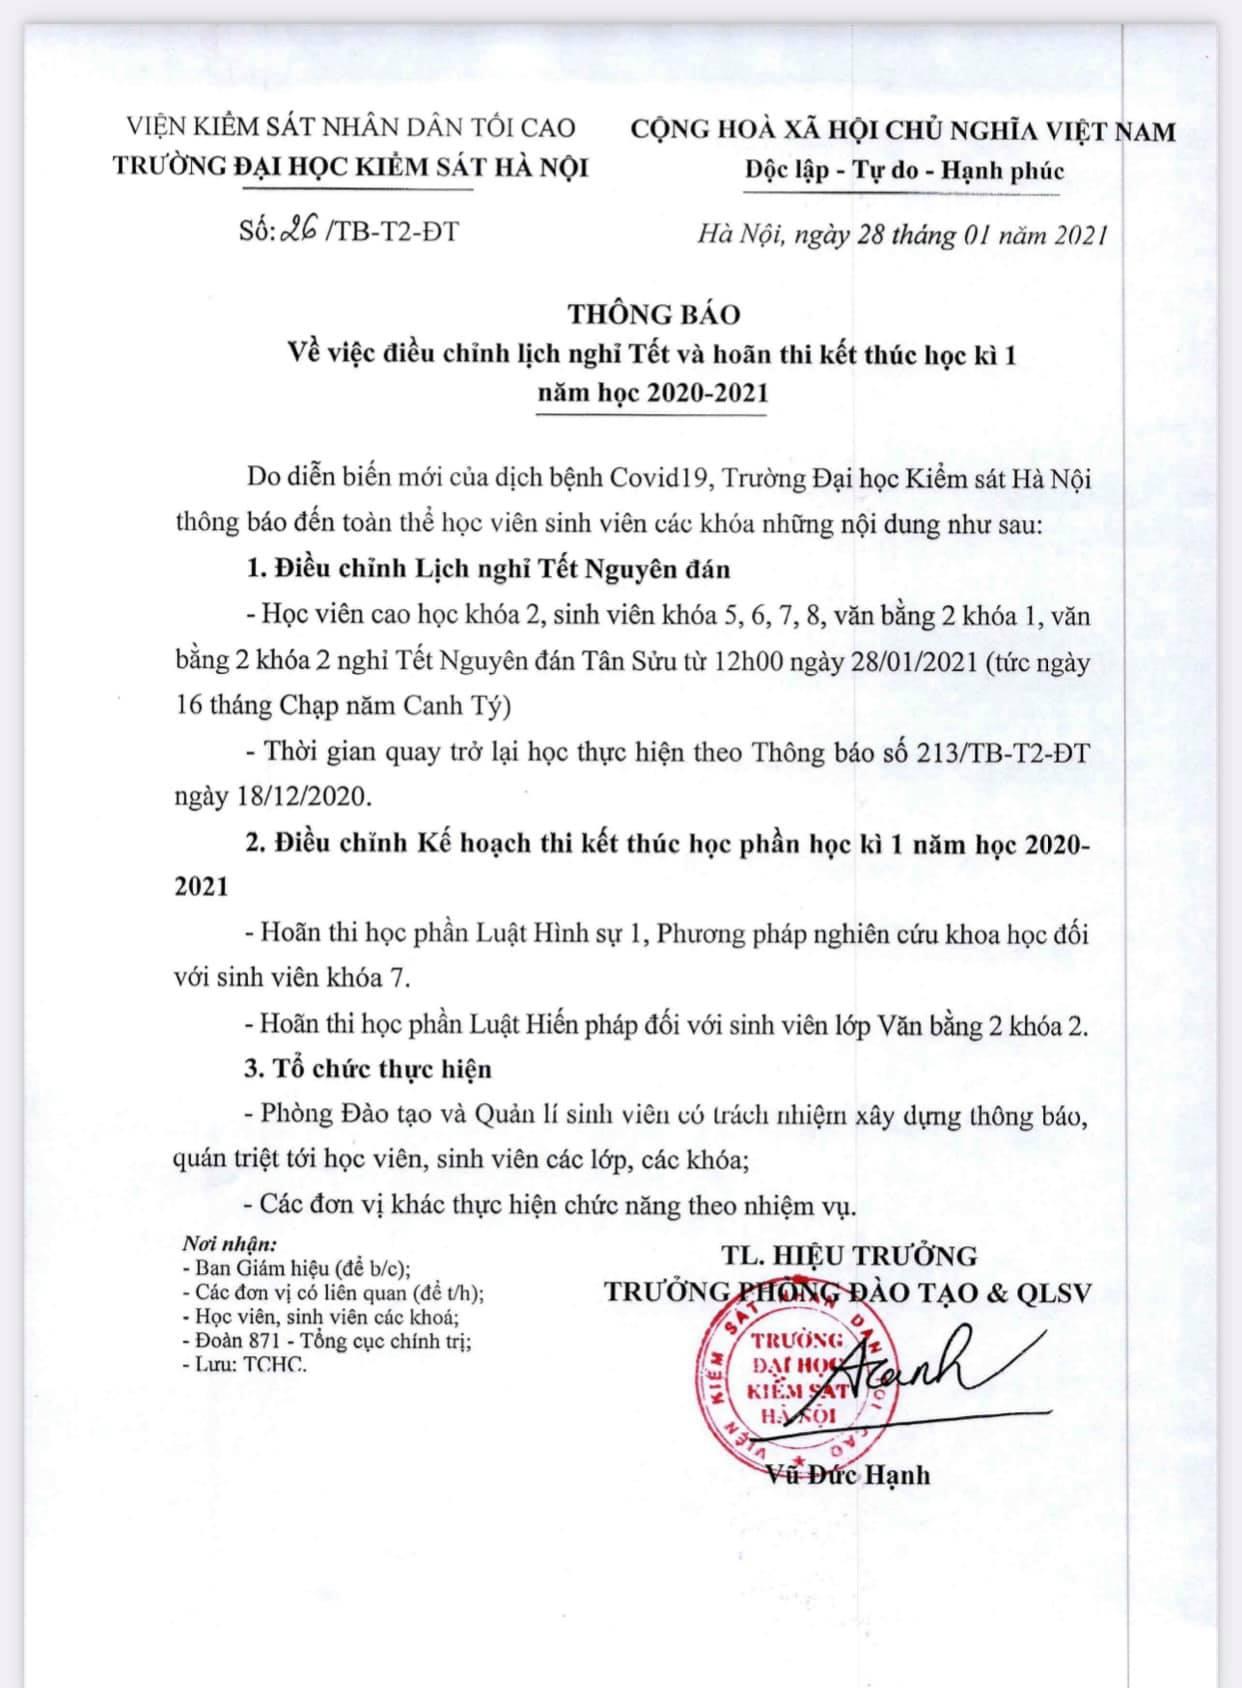 ĐH Kiểm sát Hà Nội cho sinh viên nghỉ Tết sớm, hoãn thi kết thúc học kỳ vì dịch COVID-19 - Ảnh 1